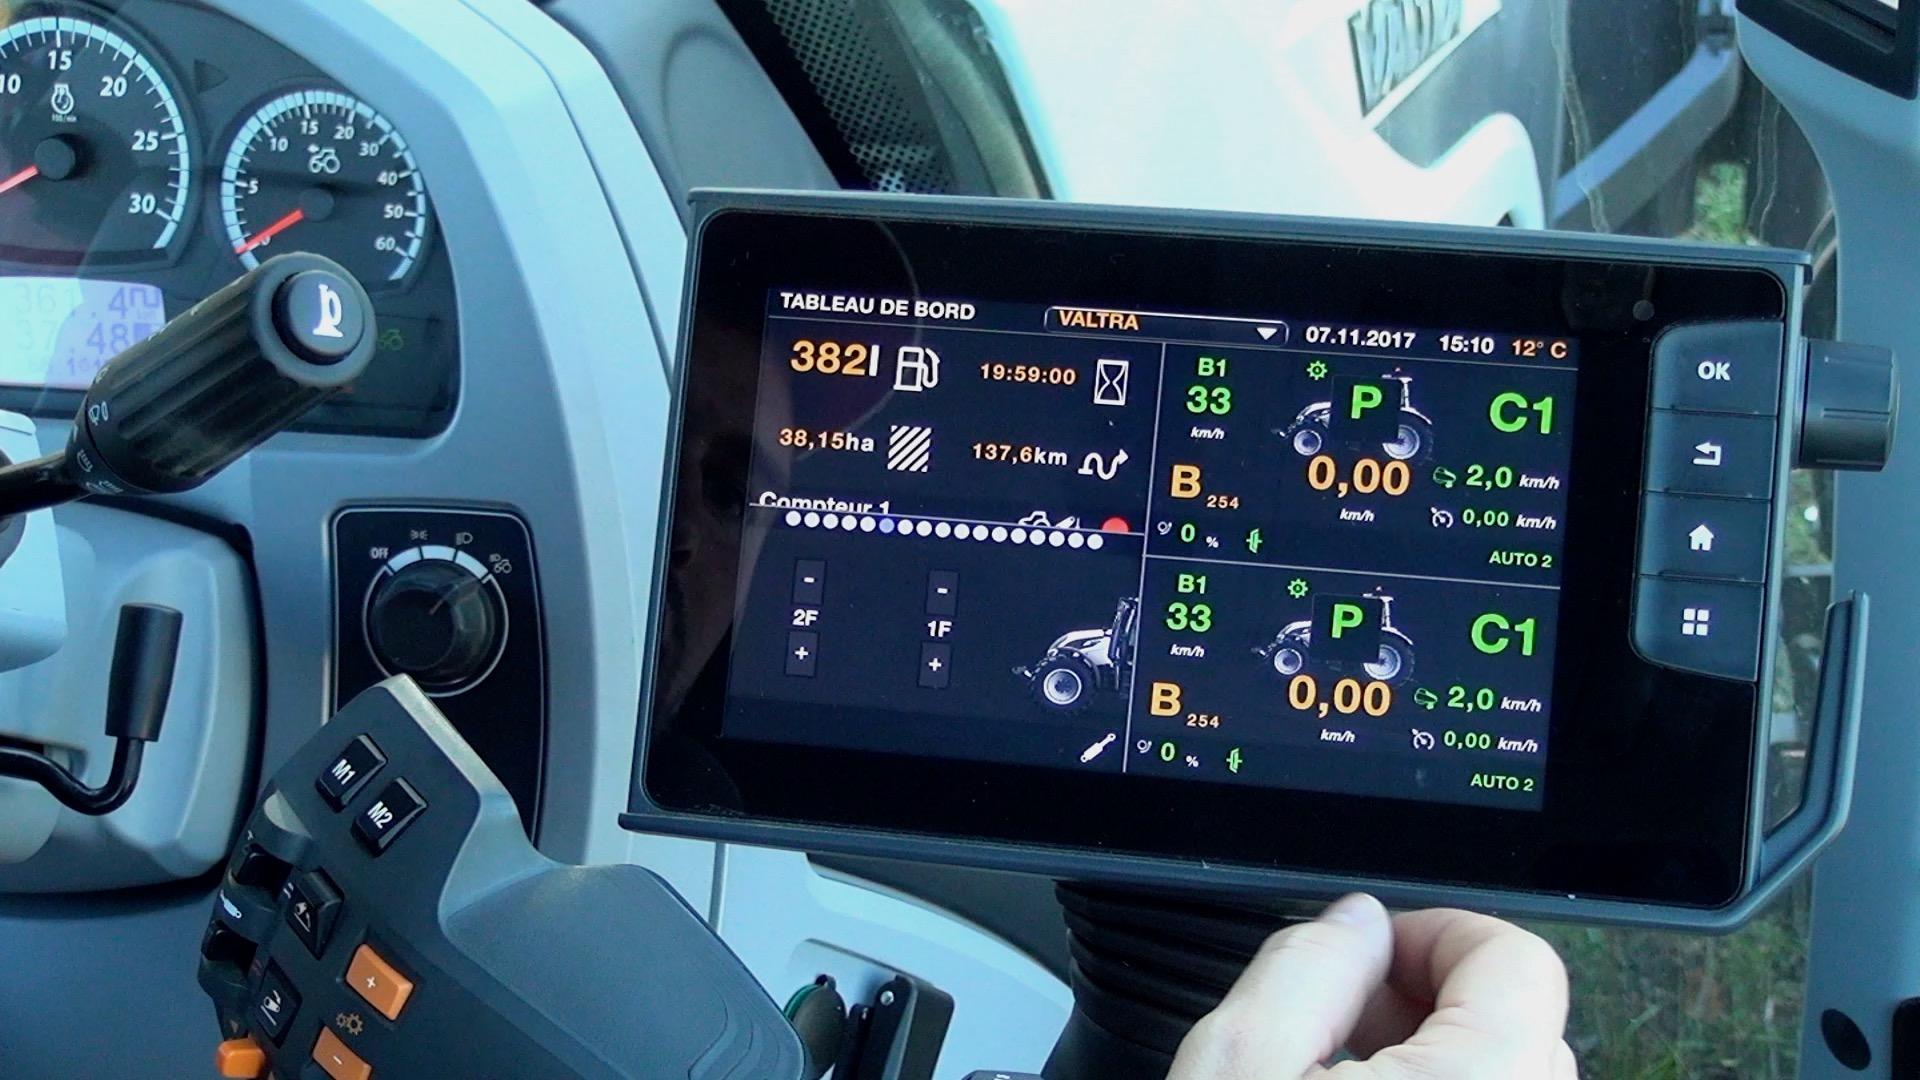 Sur le bord droit de l'écran, quatre boutons complètent l'interface tactile. Celui du bas déclenche le par-tage en quatre sous-écrans.